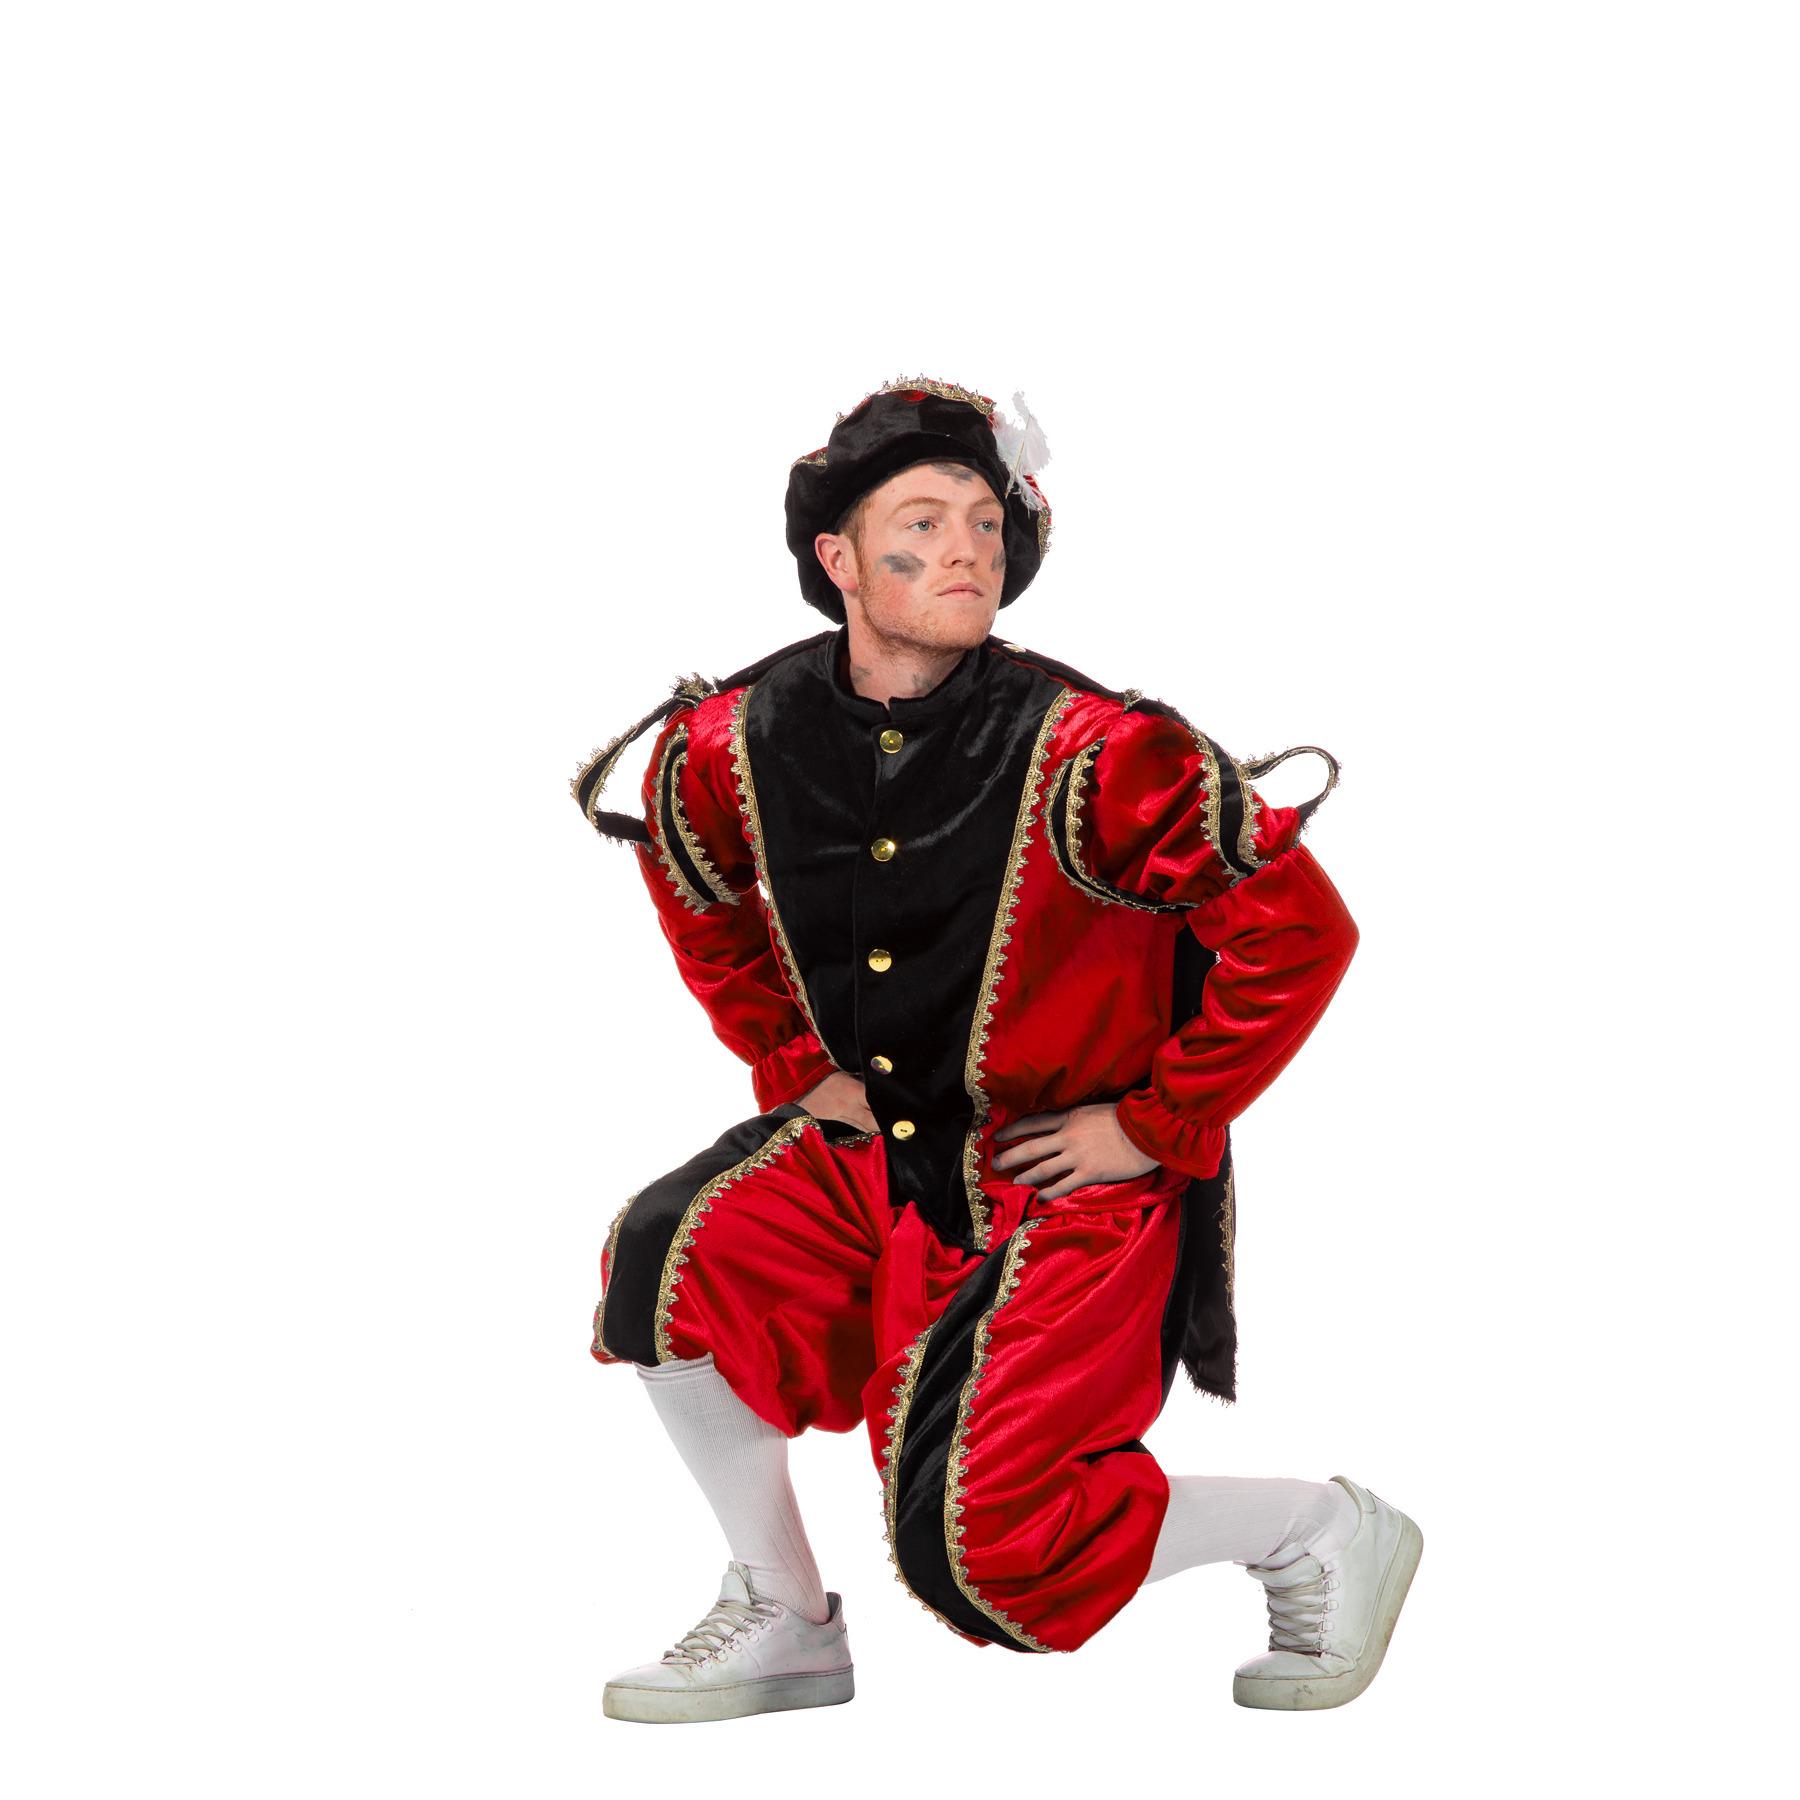 Image of Zwarte Pieten kostuum zwart+rood